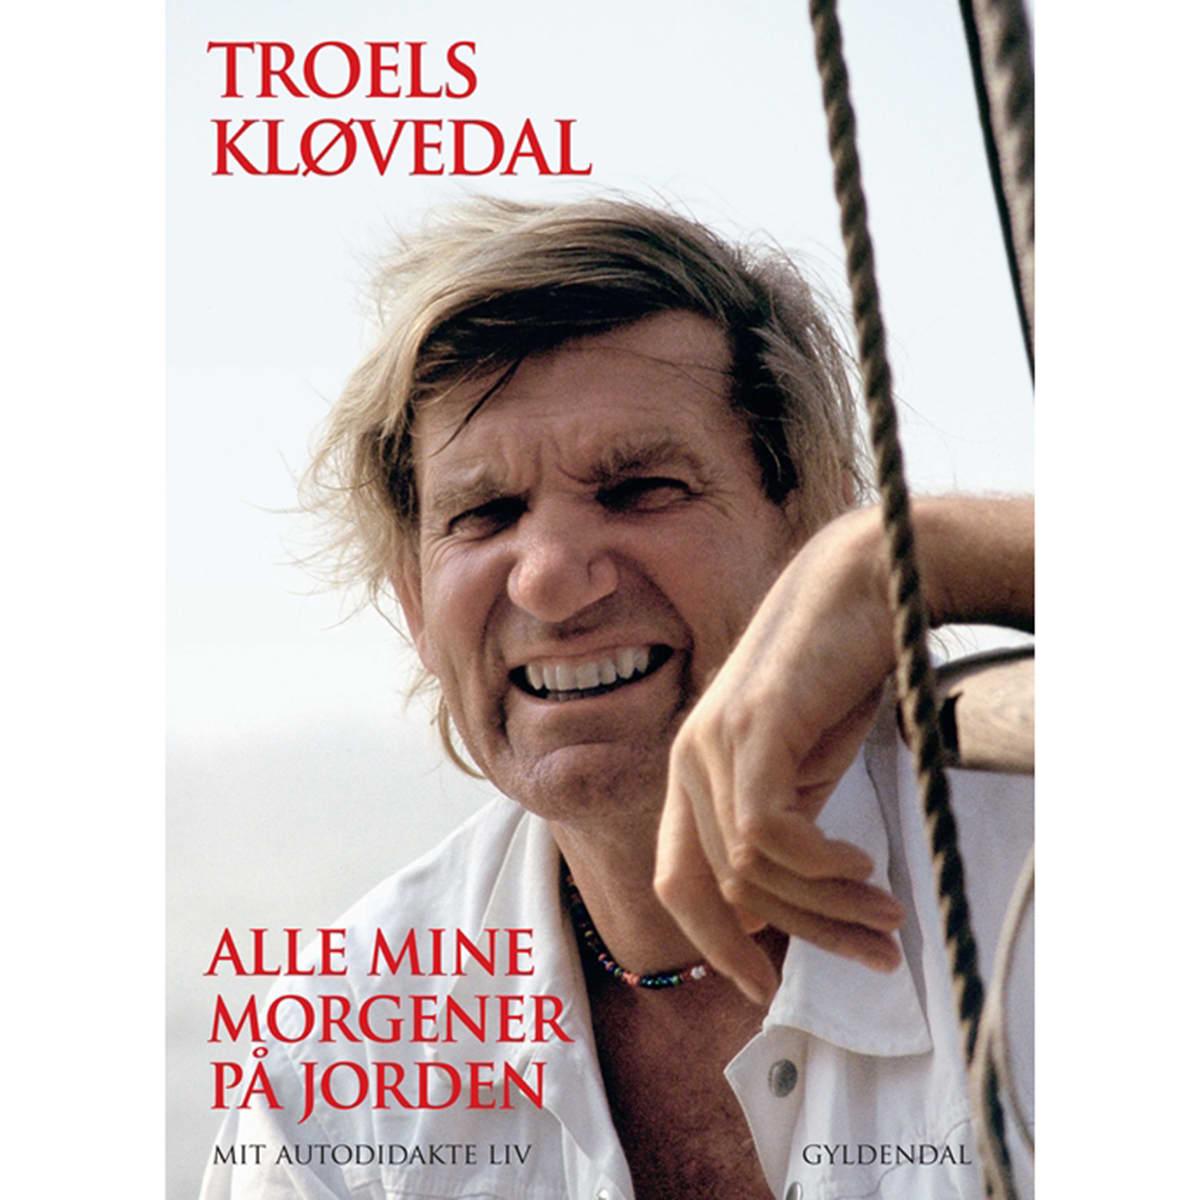 Af Troels Kløvedal